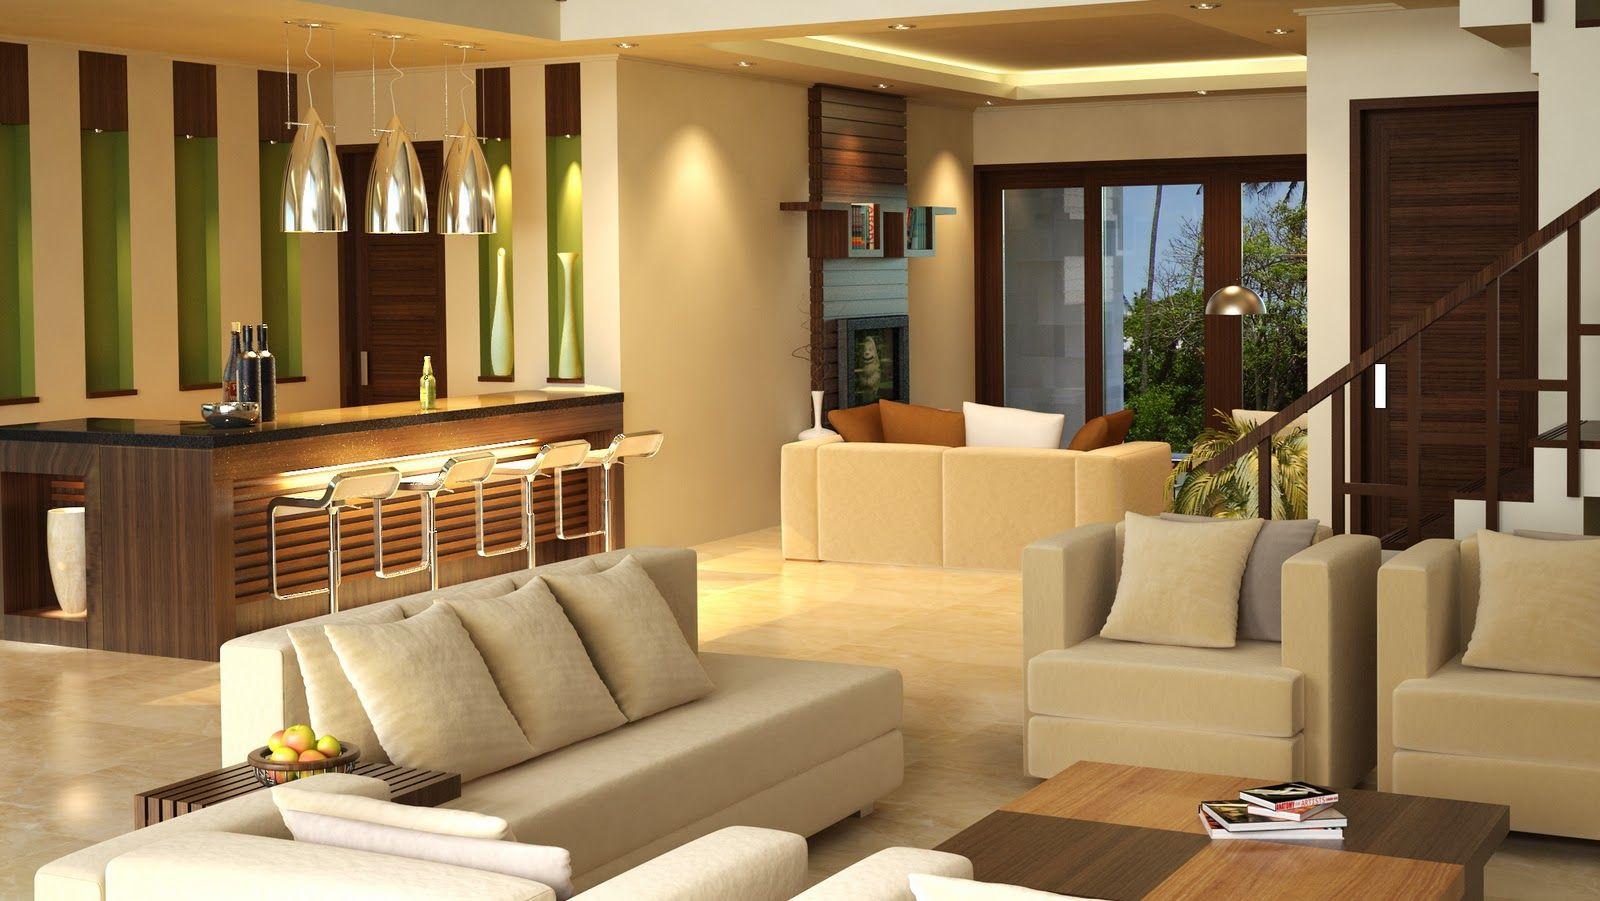 Contoh Desain Interior Rumah Minimalis  httpdesaininteriorjakartacomcontohdesaininterior